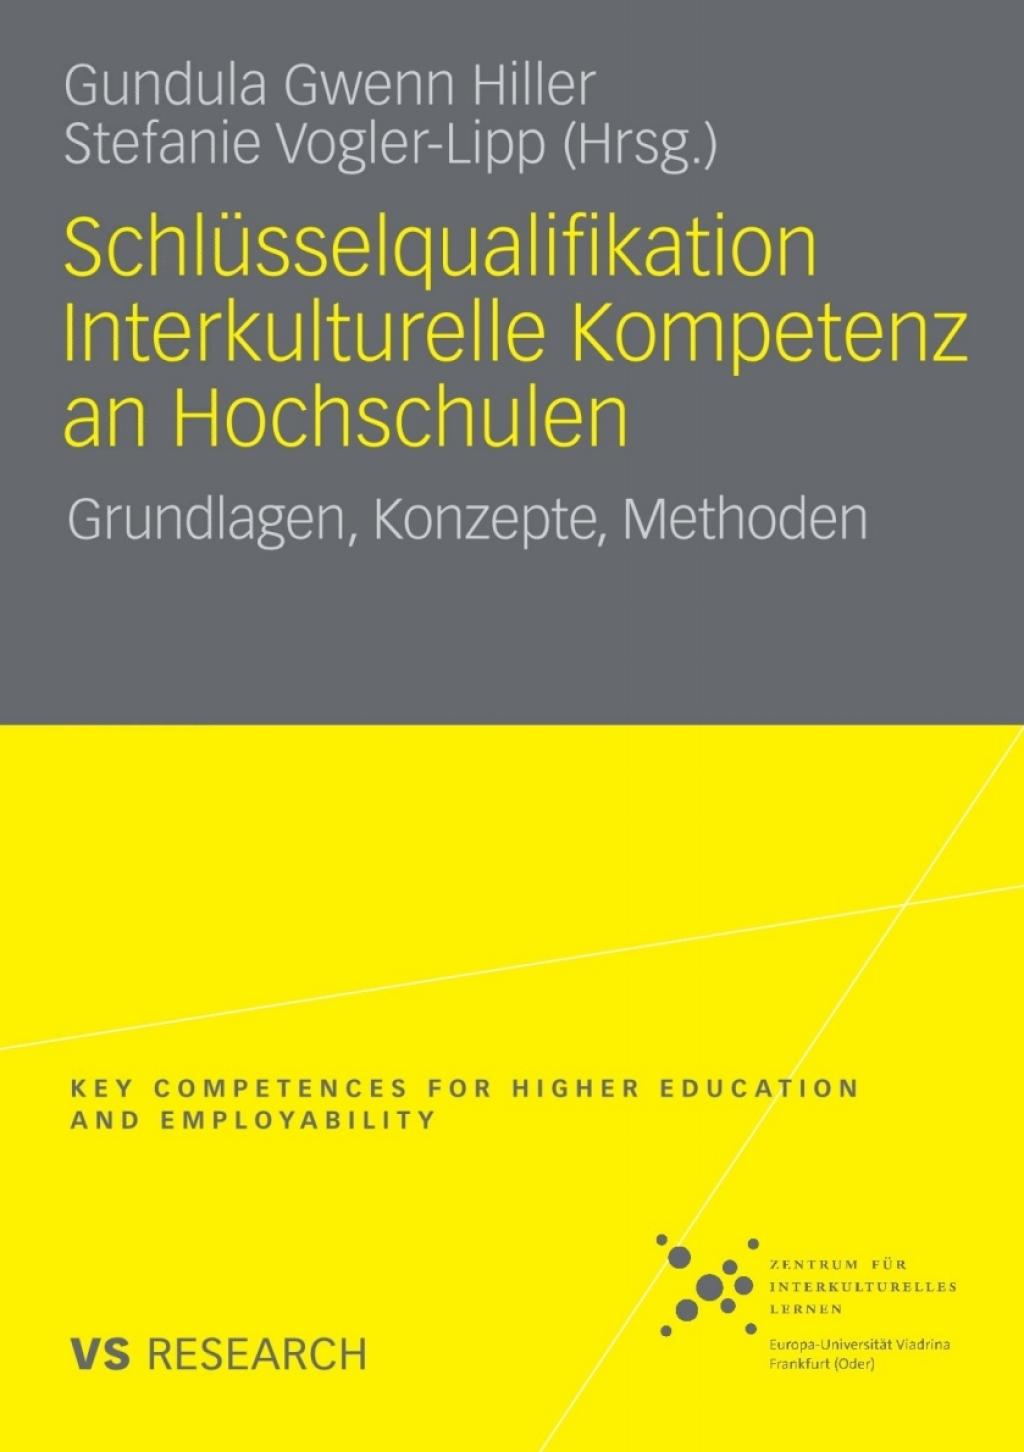 Schlüsselqualifikation Interkulturelle Kompetenz an Hochschulen (eBook) - Gundula-Gwenn Hiller